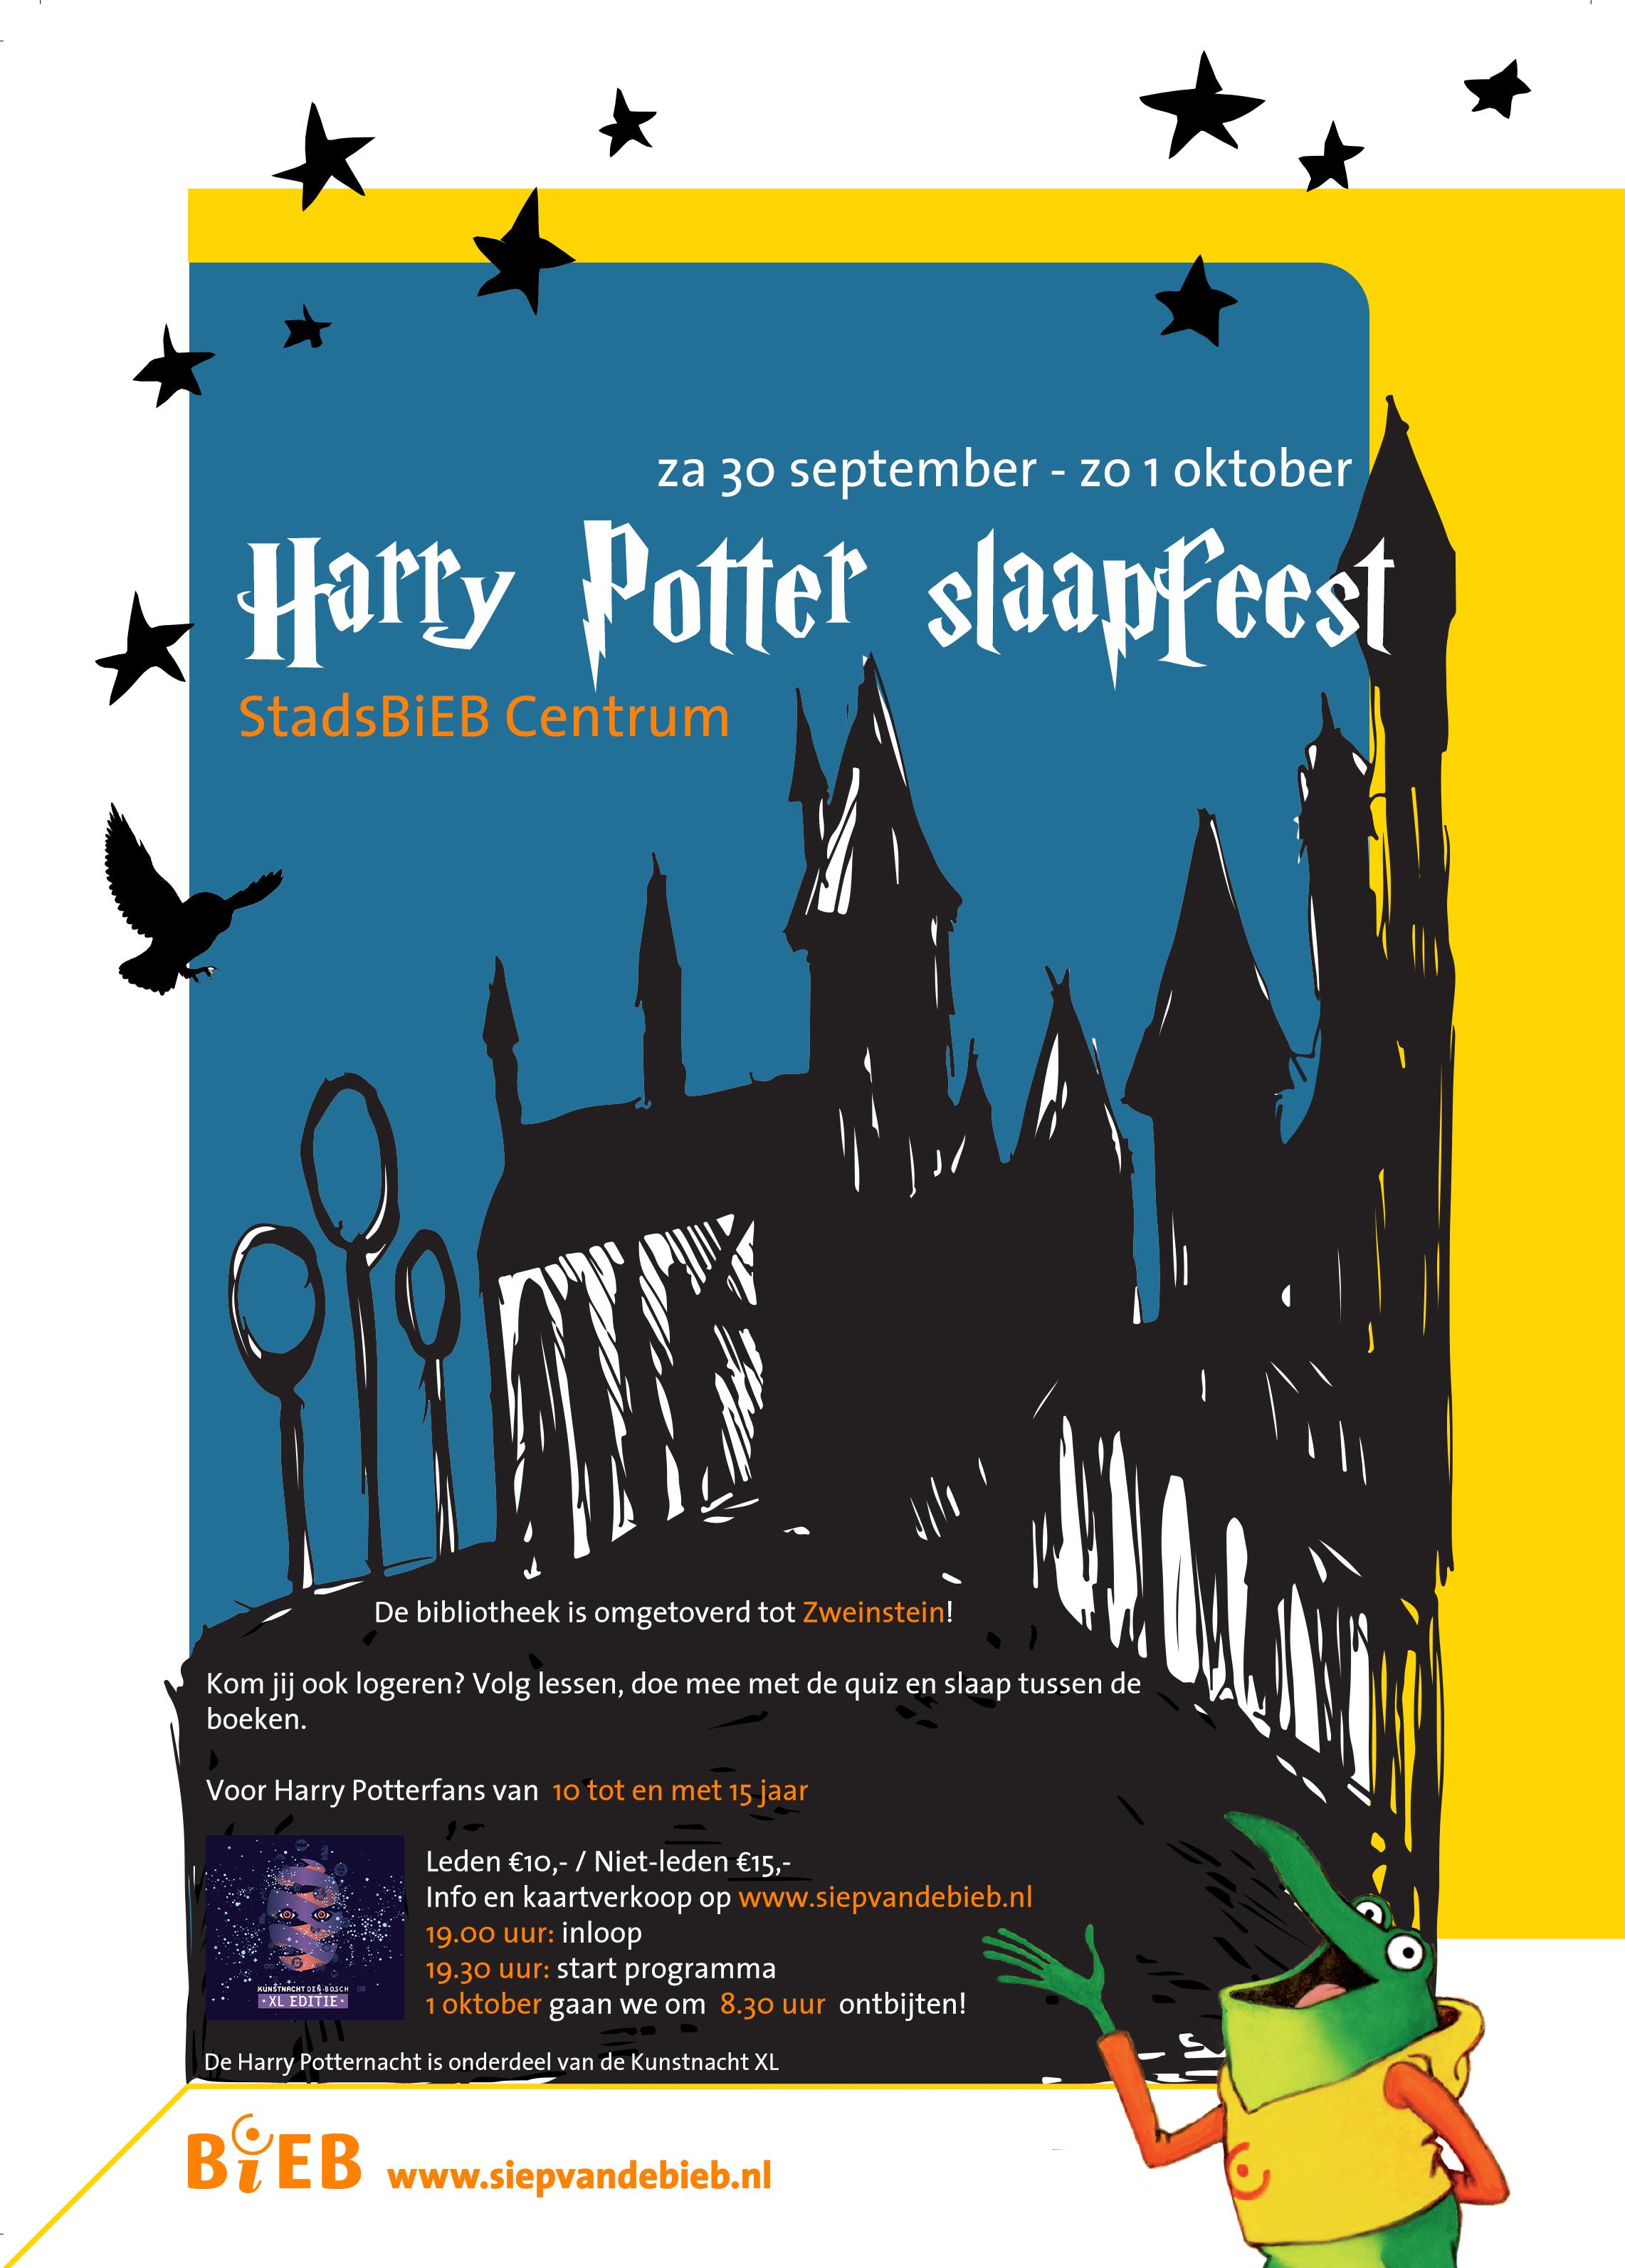 De bibliotheek in Den Bosch opent 's nachts haar deuren voor jonge Harry Potter-fans.